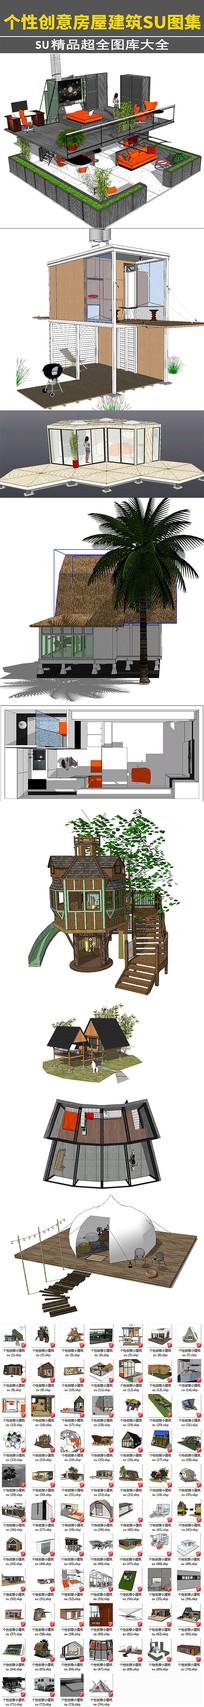 个性创意房屋建筑SU模型